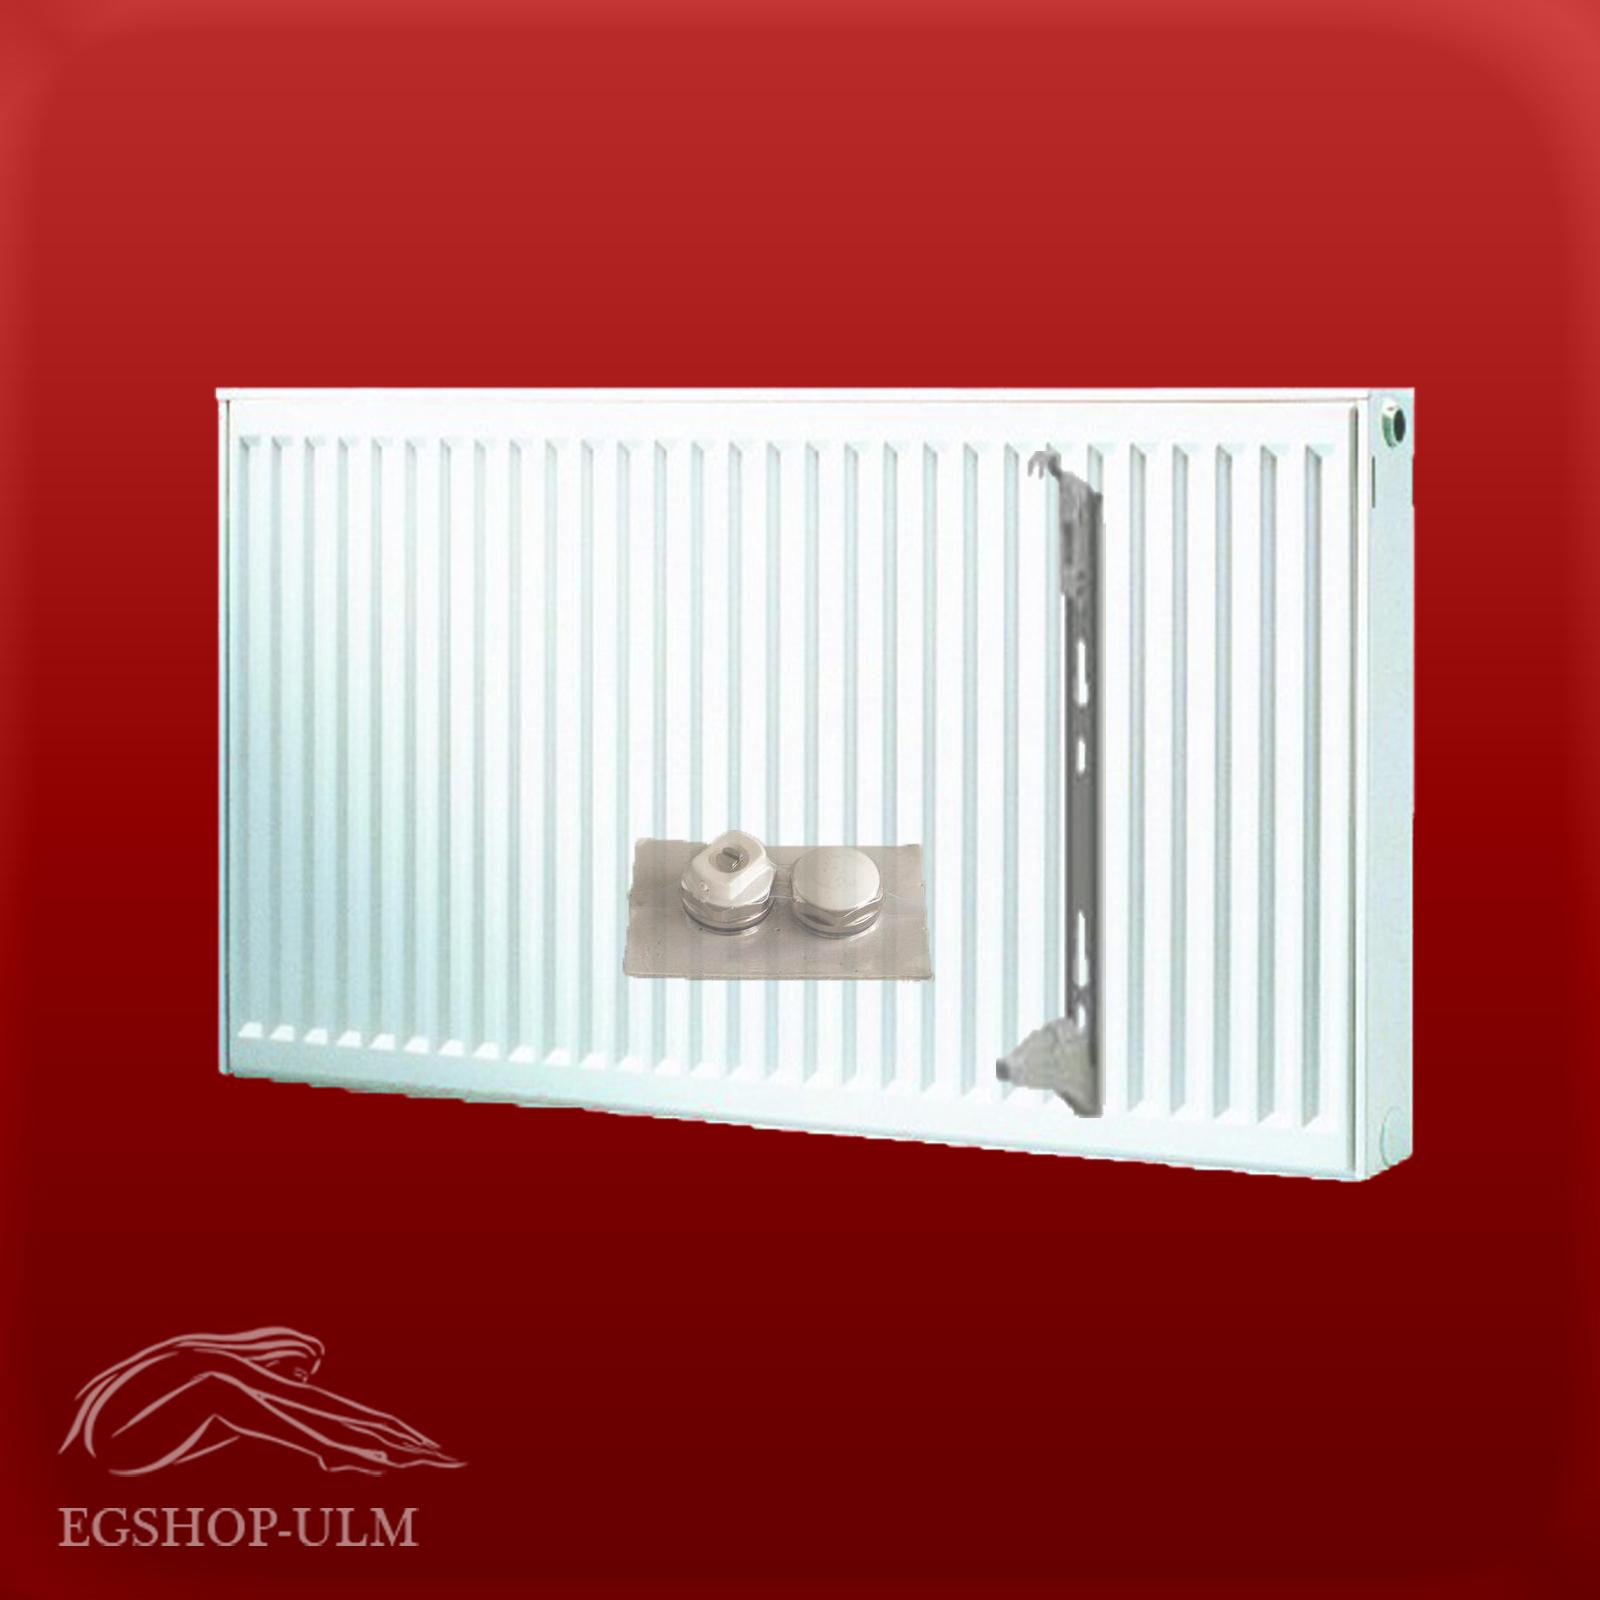 br tje europrofil kompakt heizk rper typ 33 400x800mm ebay. Black Bedroom Furniture Sets. Home Design Ideas